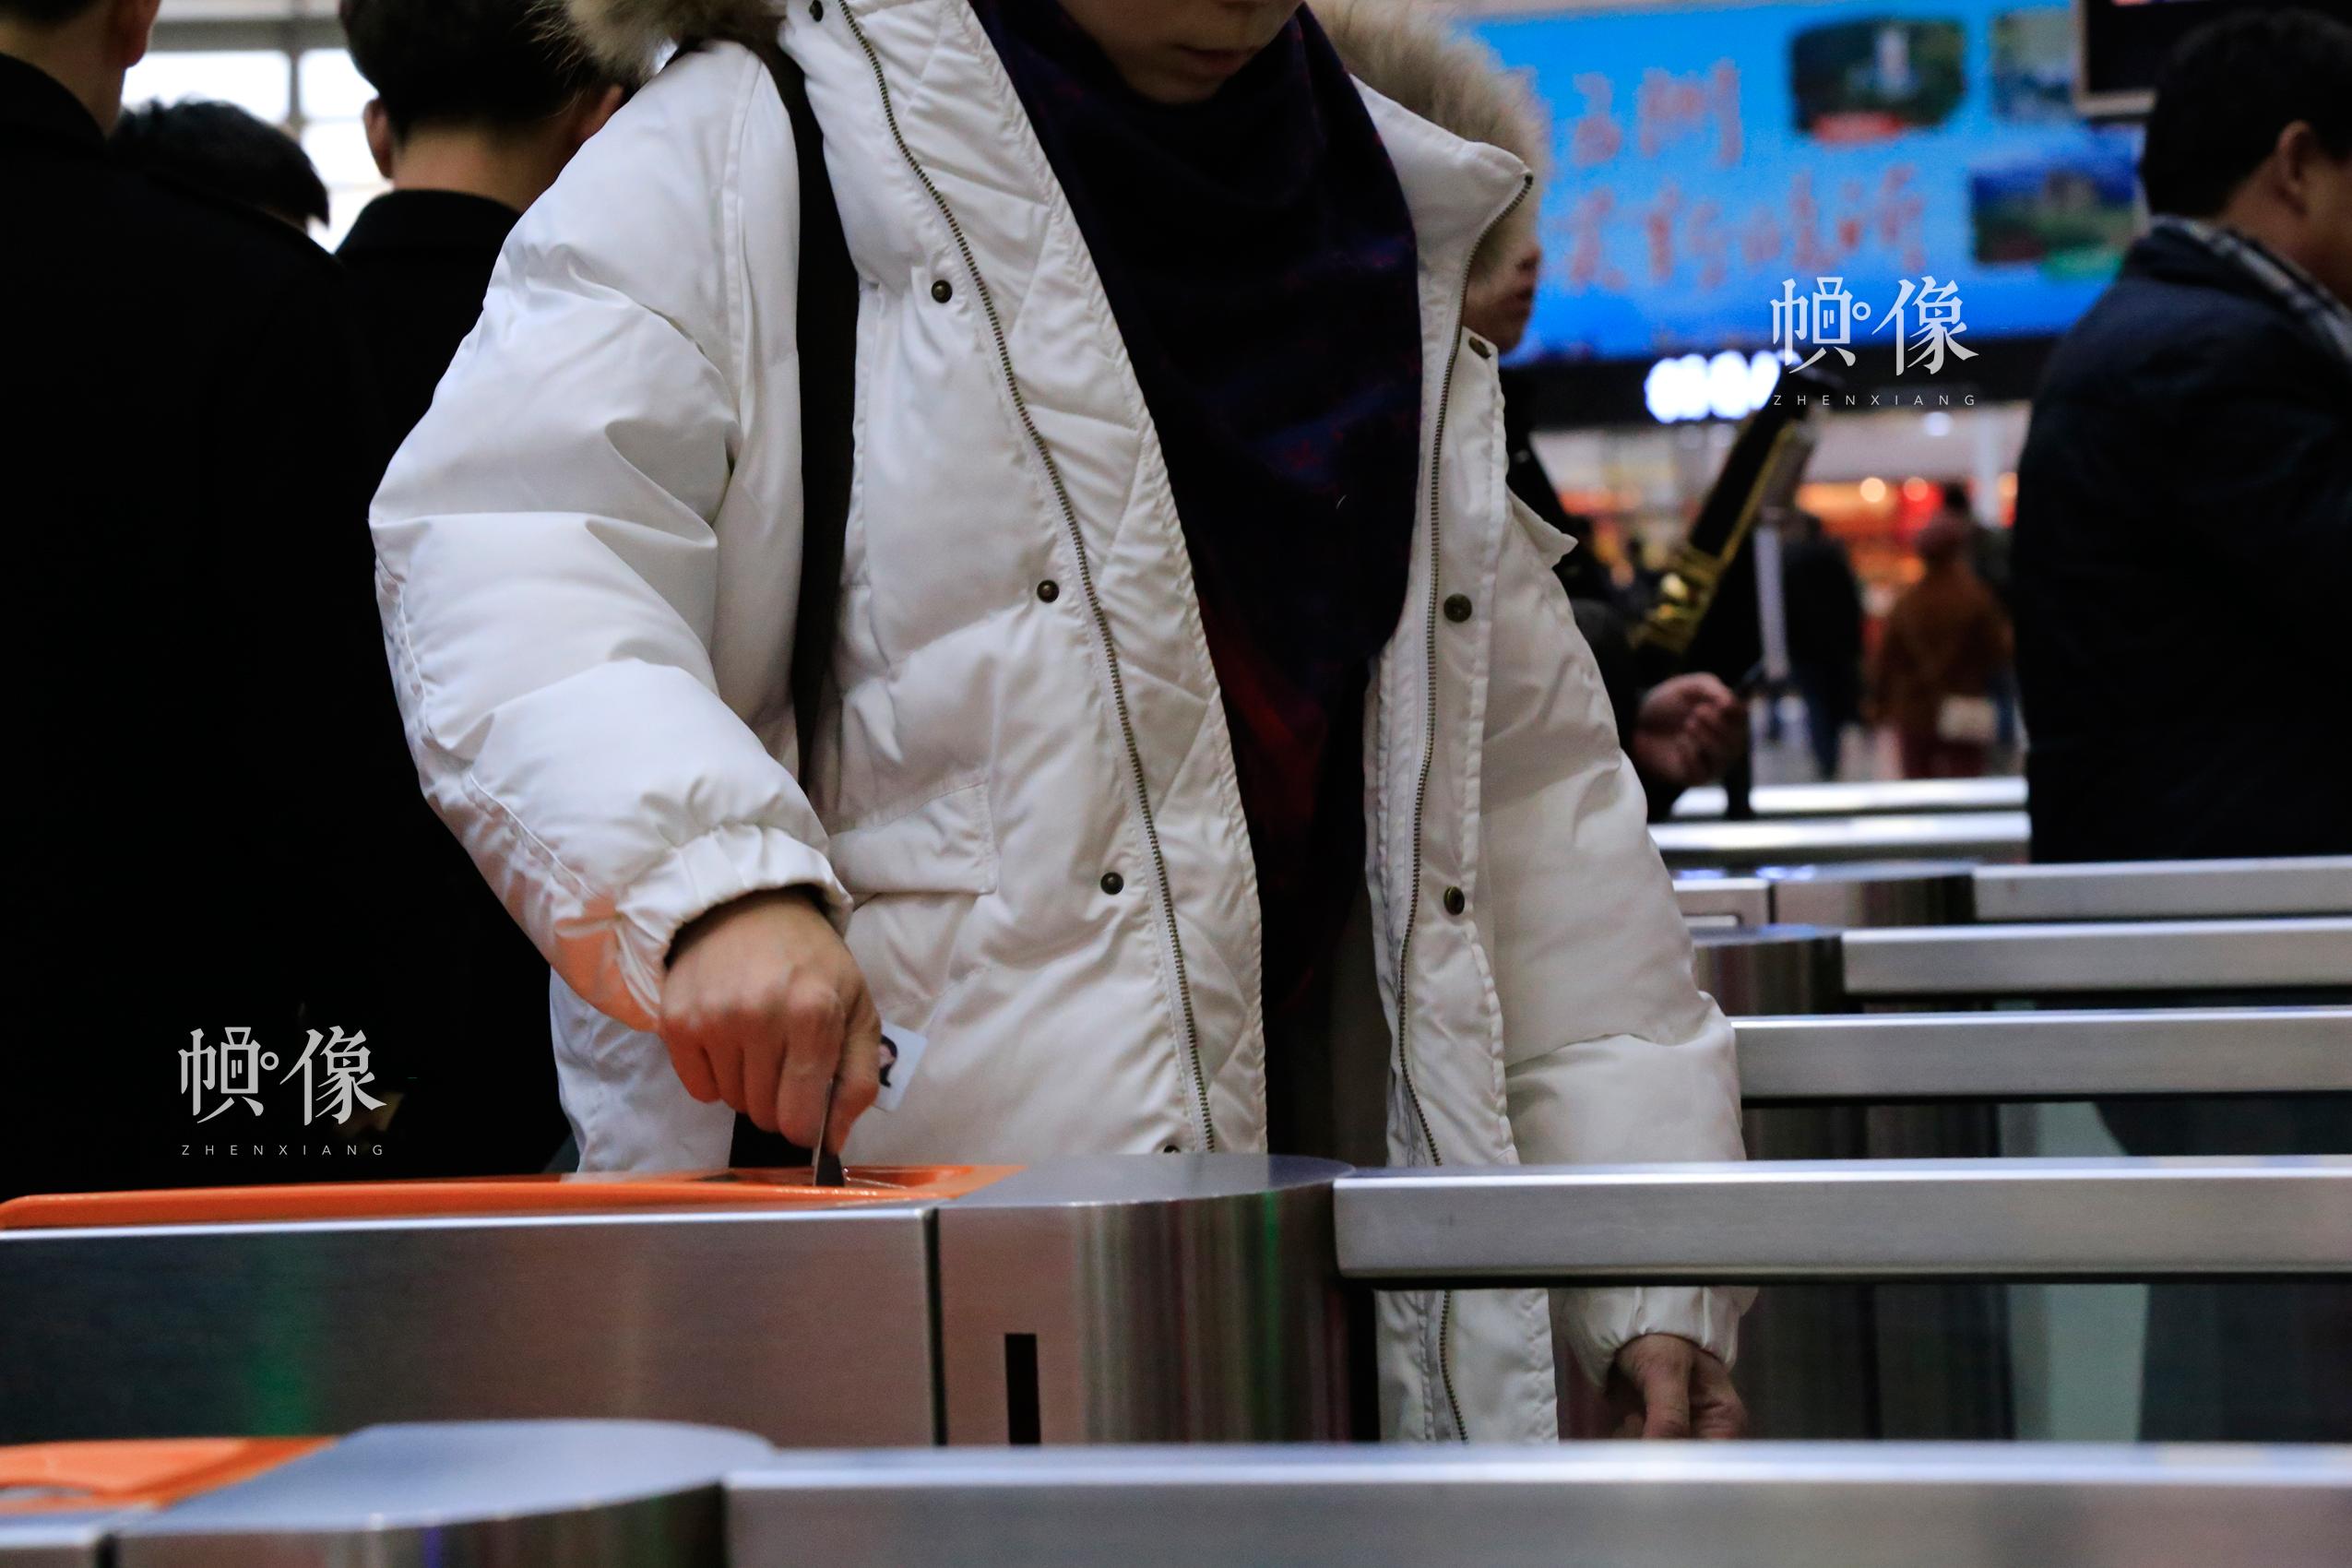 北京南站某检票口前,一位乘客经过闸机自动检票后取回车票。中国网实习记者 韩依 摄